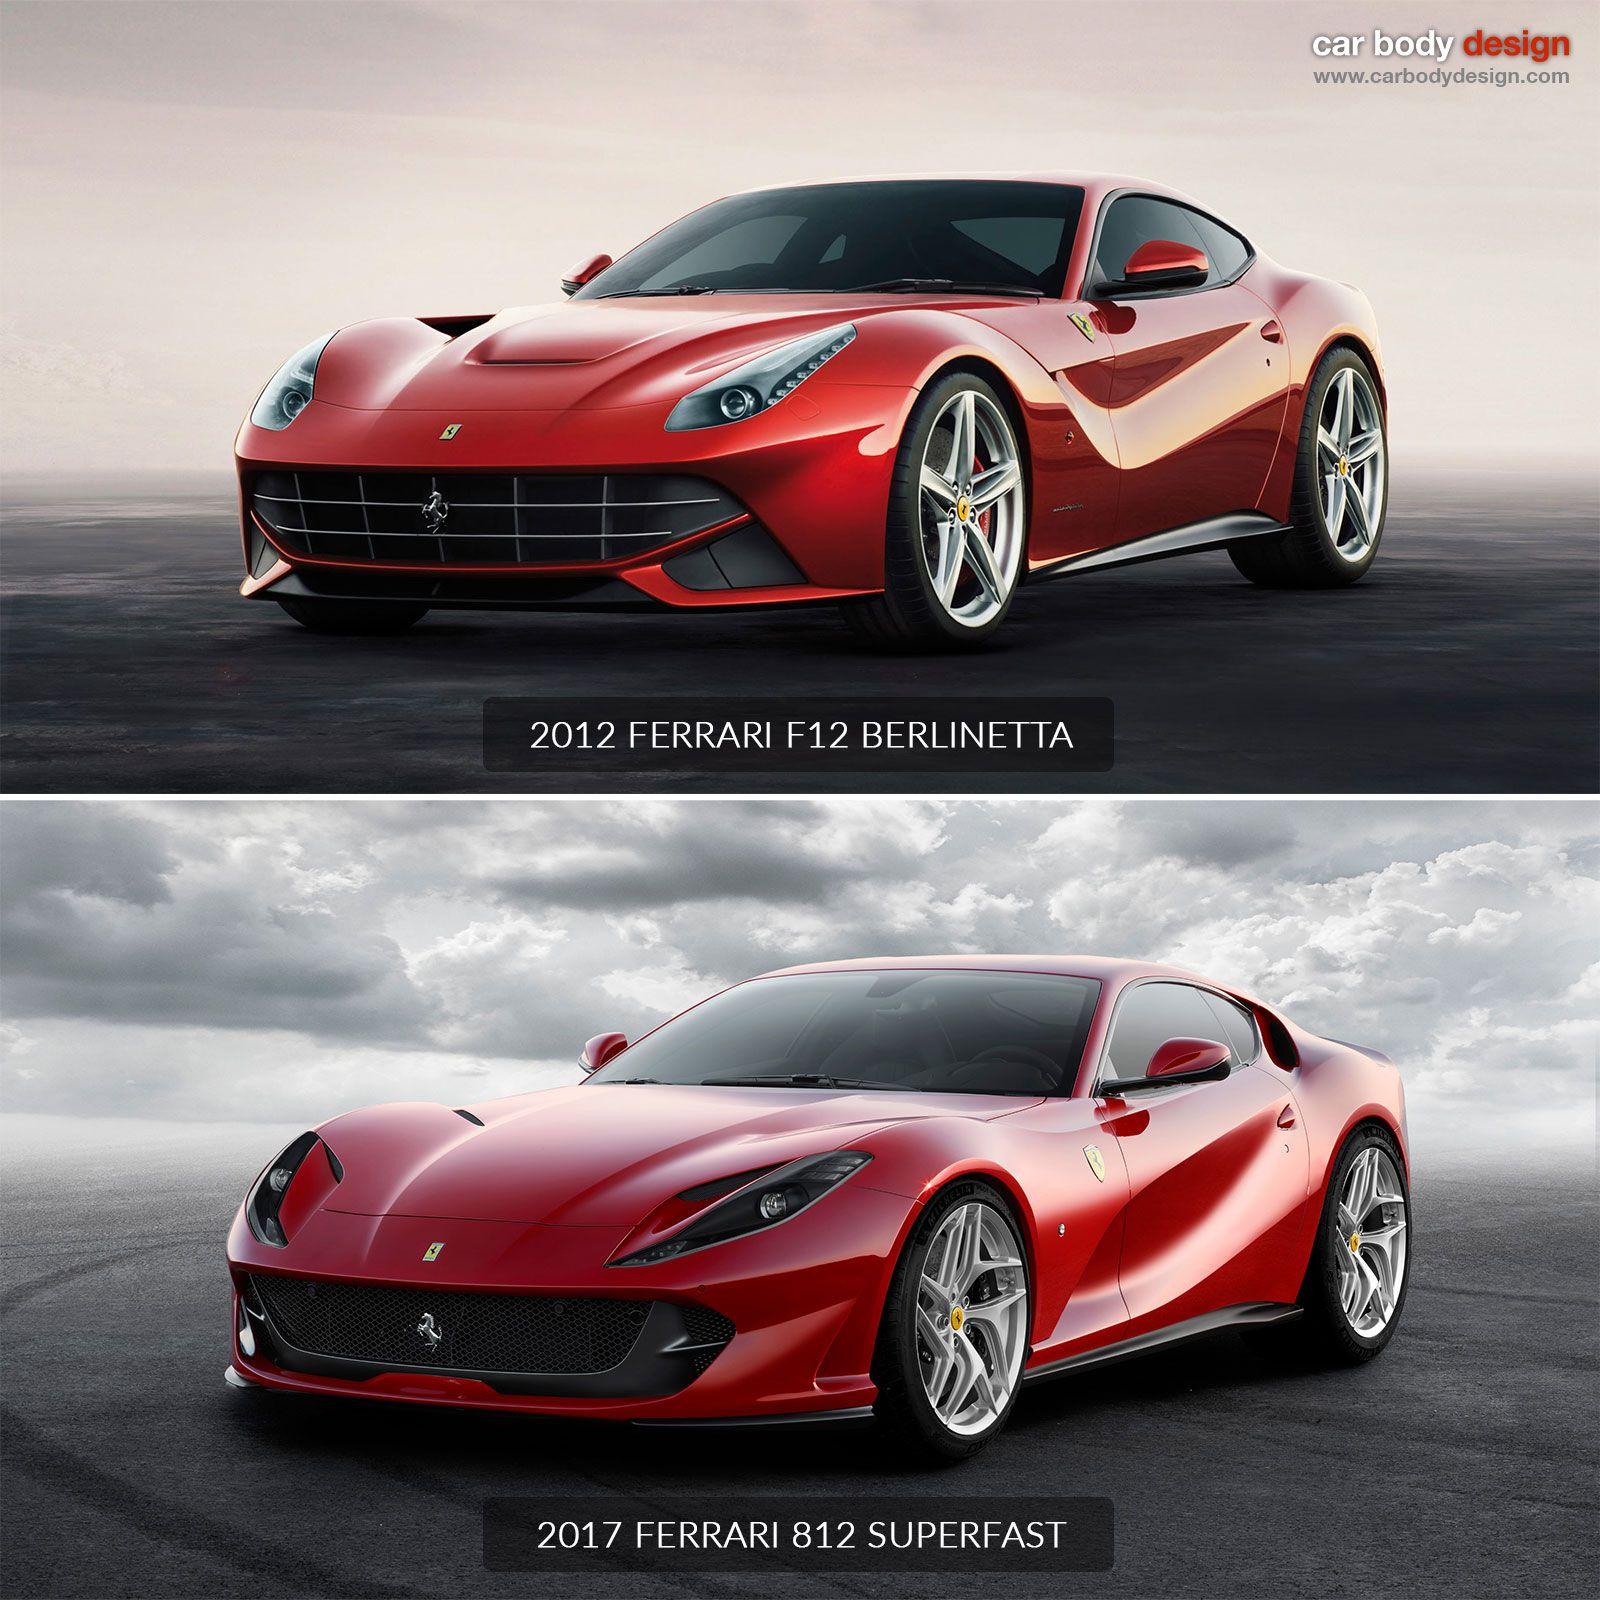 Ferrari F Berlinetta Vs Superfast Design Comparison Car - Sports cars comparison